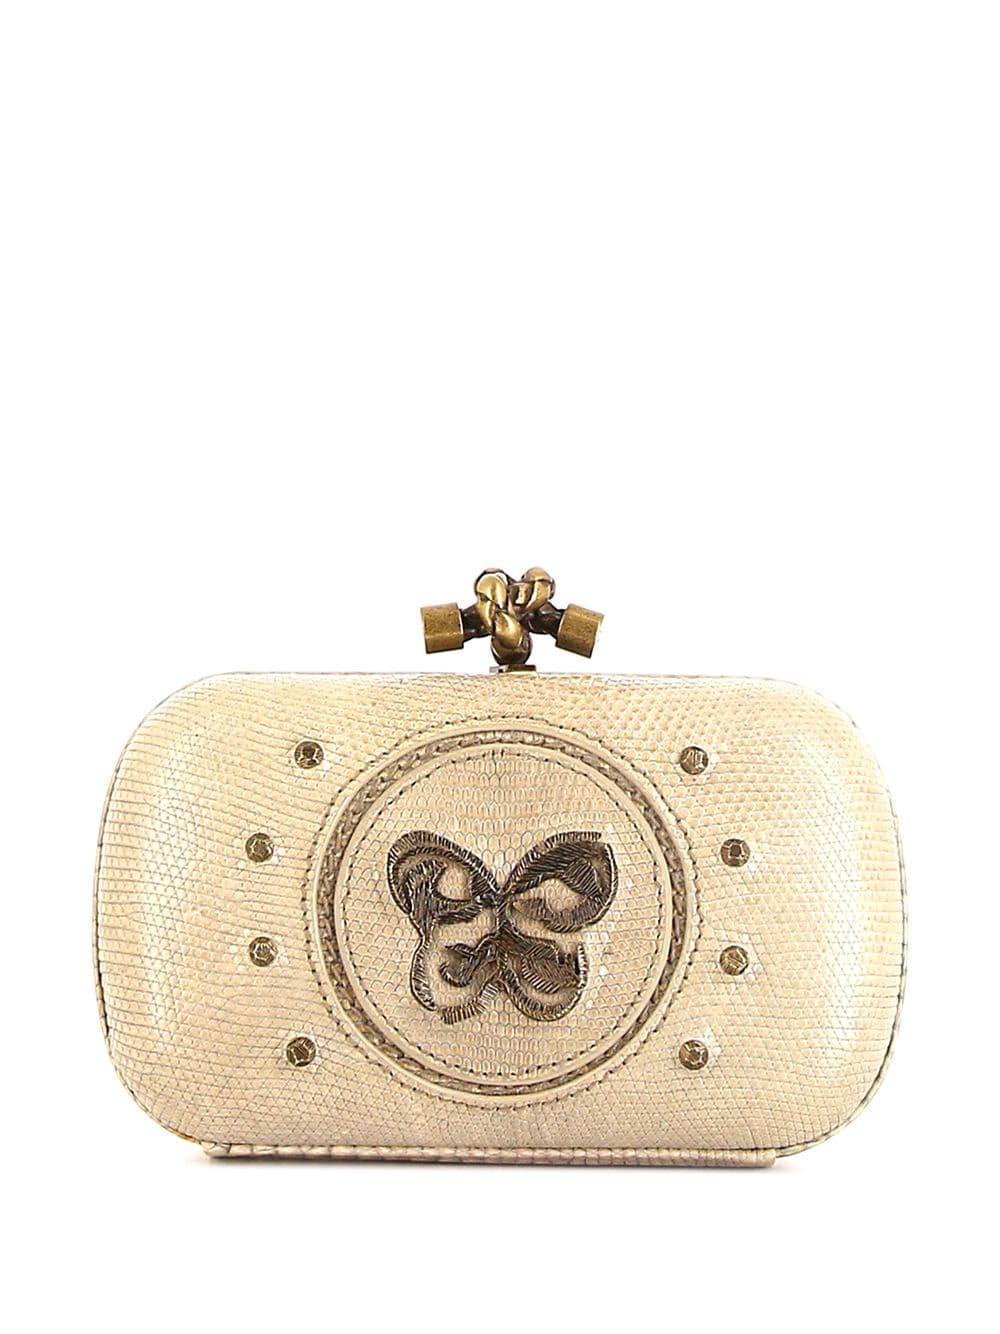 Bottega Veneta Pre-Owned 'Butterfly' Clutch - BEIGe